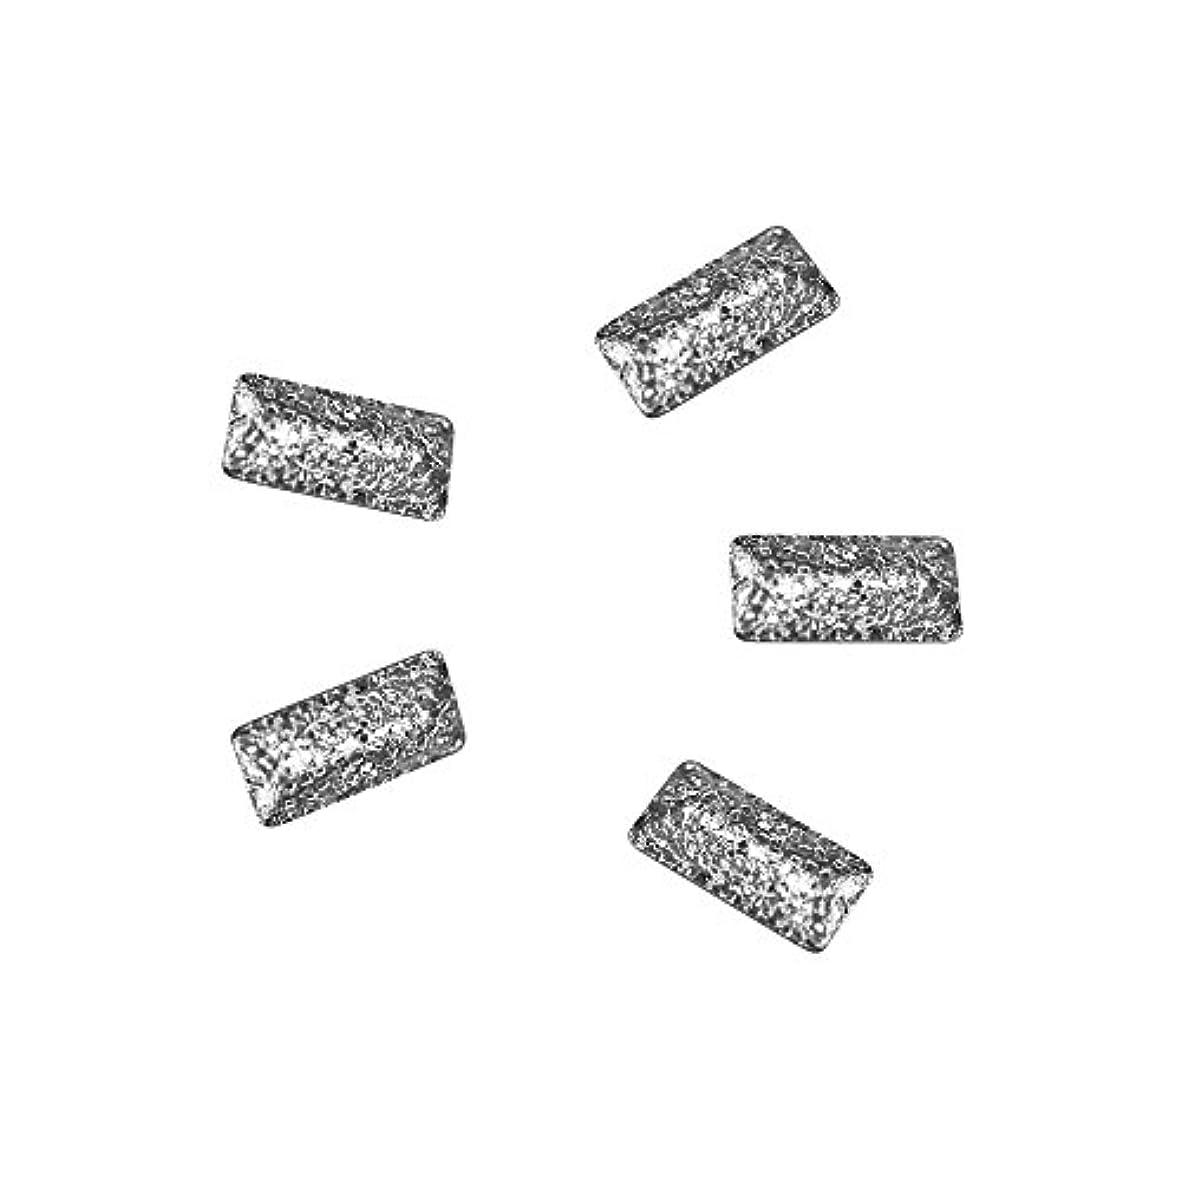 曲がったゆるい価格Bonnail ラフスタッズシルバー レクタングル3×1.2mm